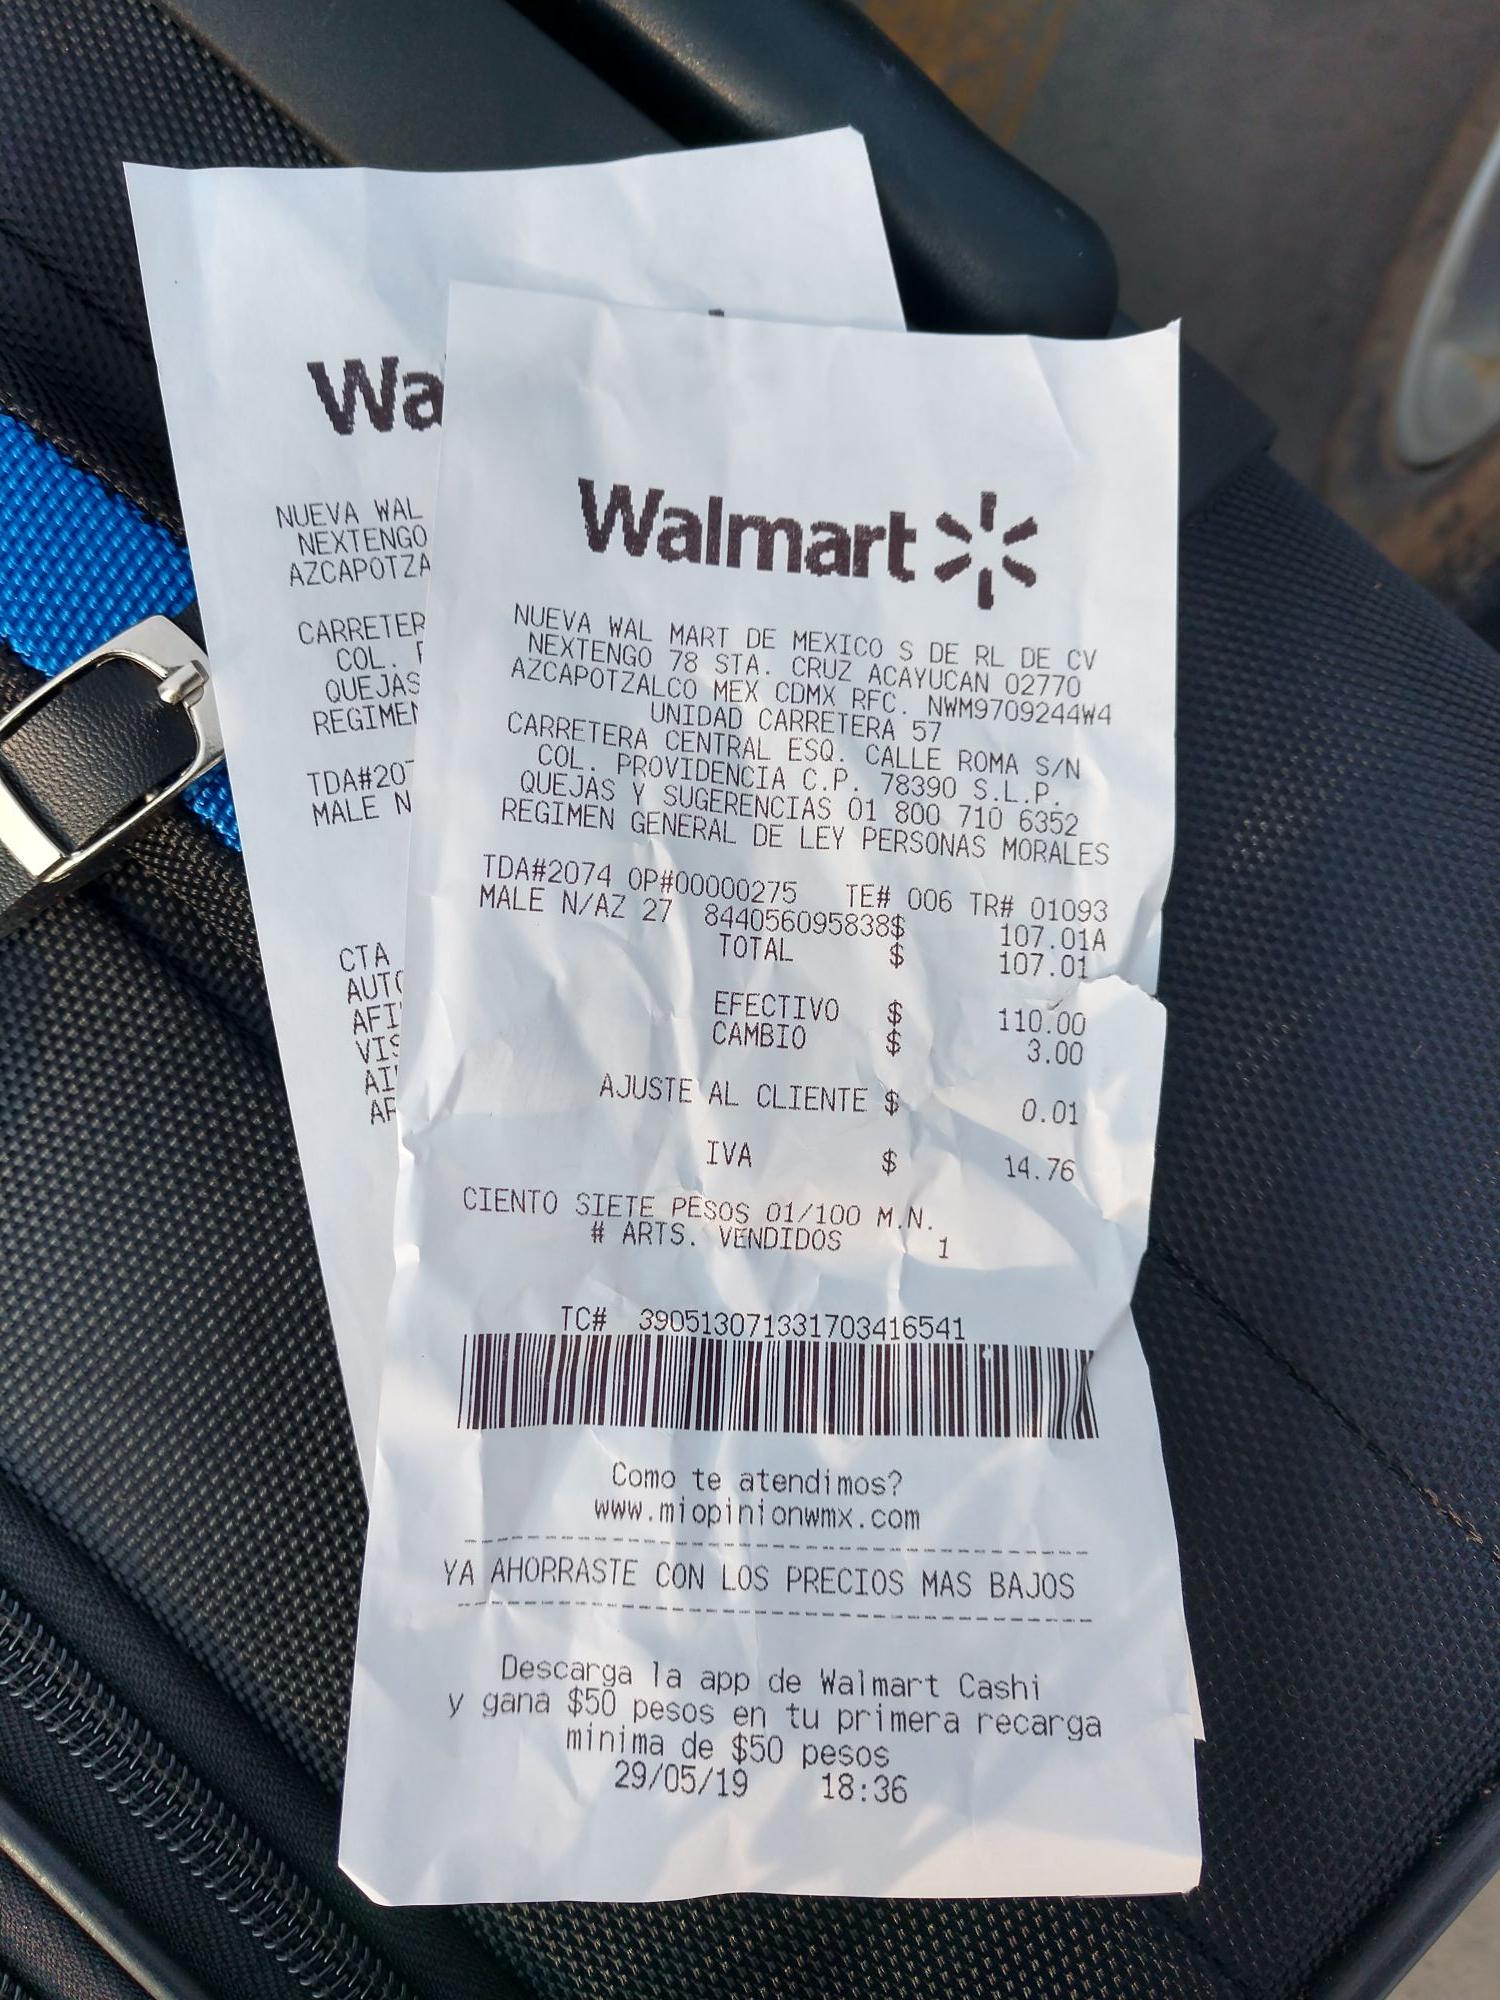 Walmart San Luis Potosi, maleta en su última liquidación